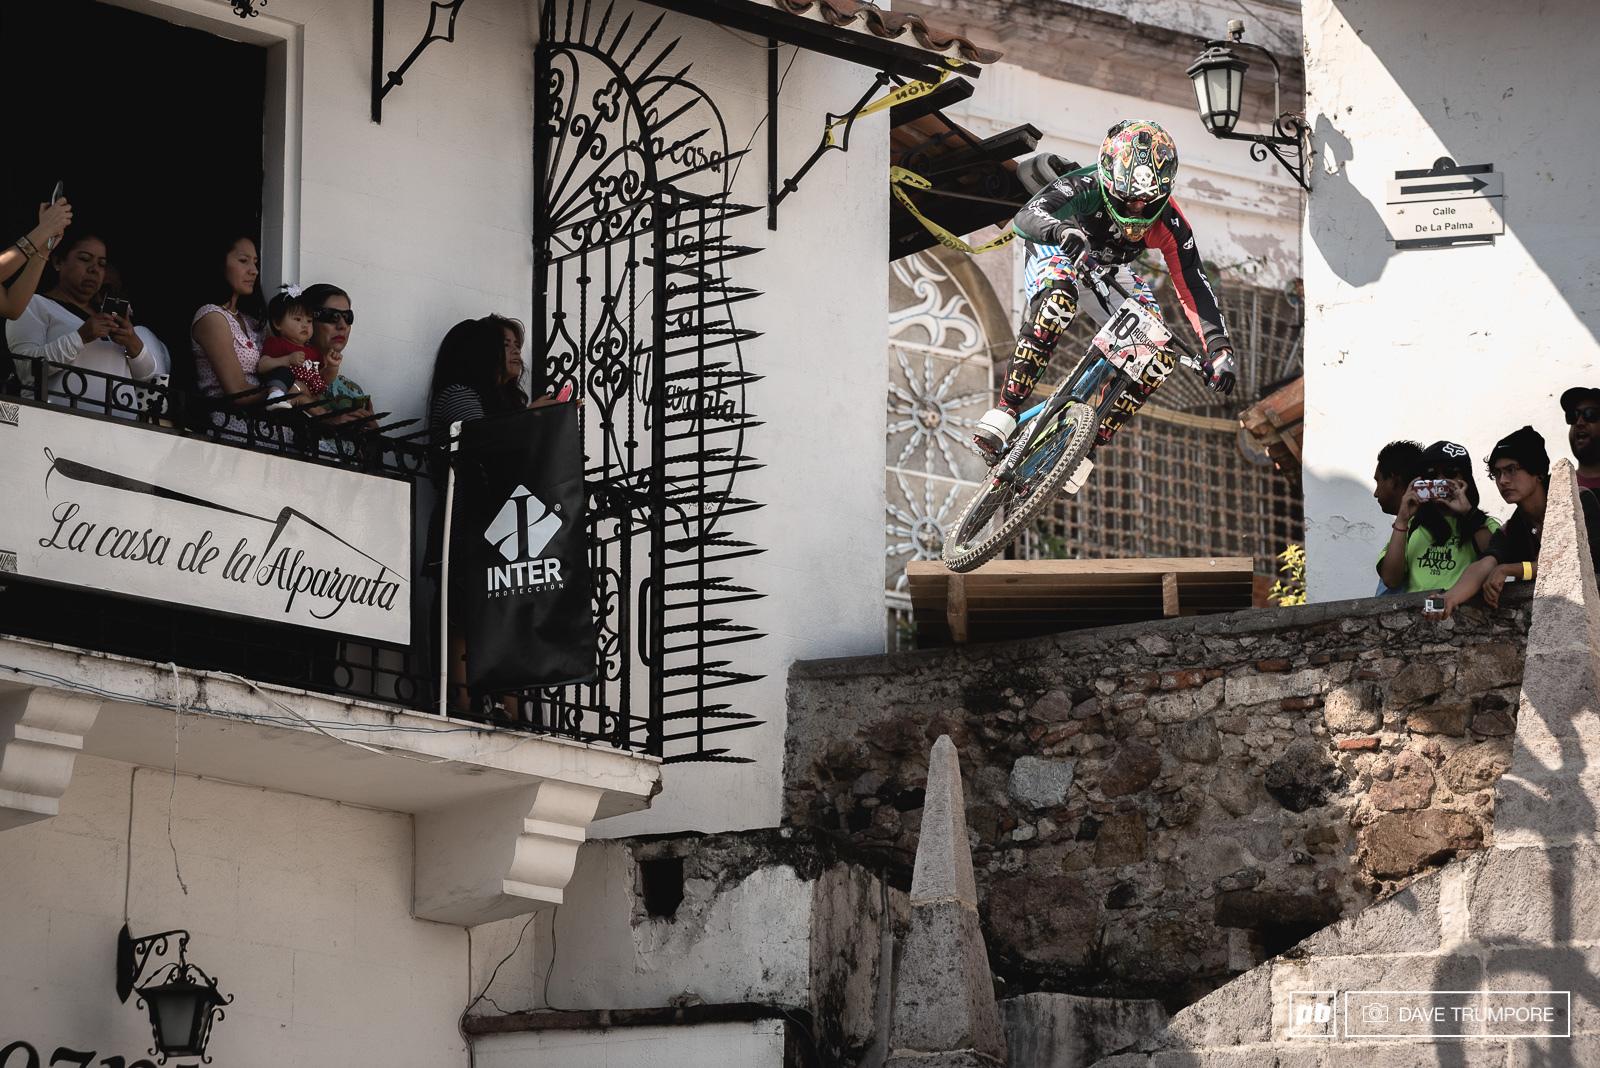 Top Mexican rider and local legend Ricardo Preciado in 8th.